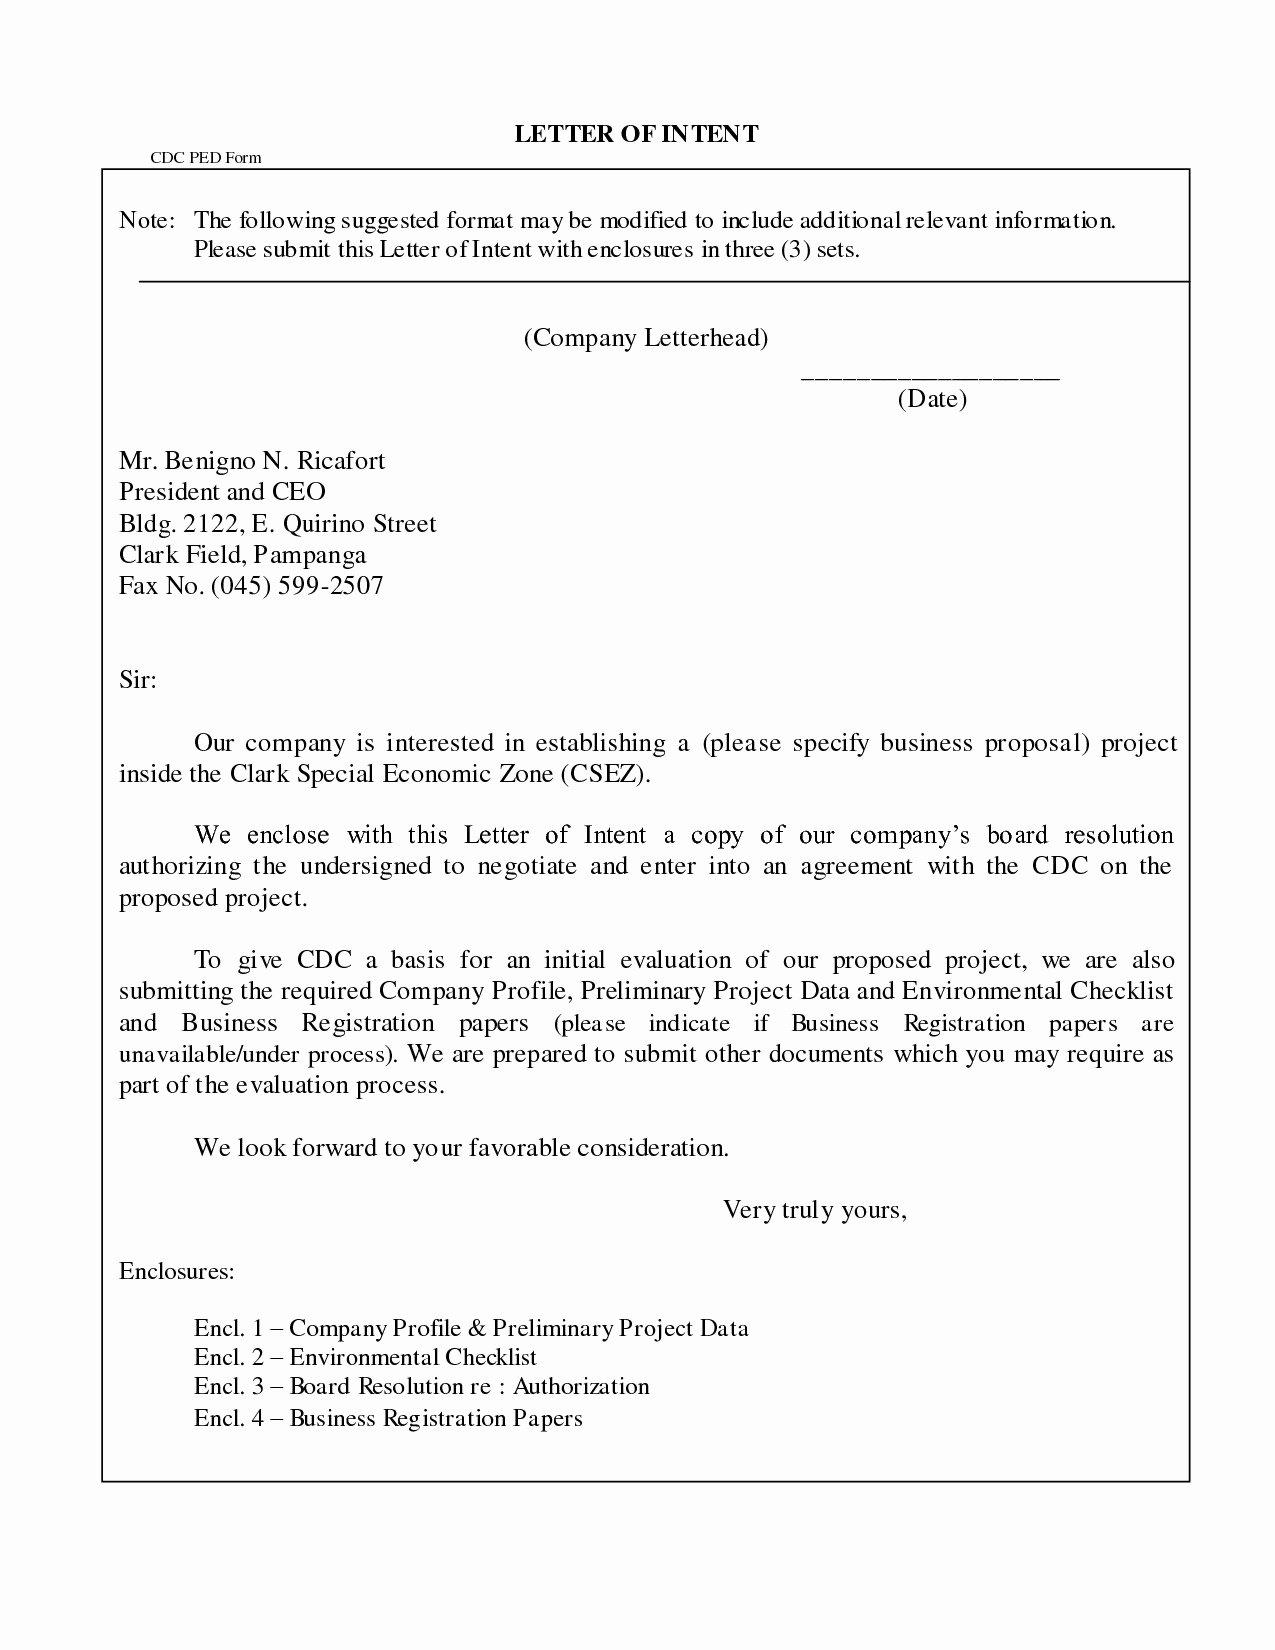 Business Letter Enclosure format Unique Business Letter format Enclosure